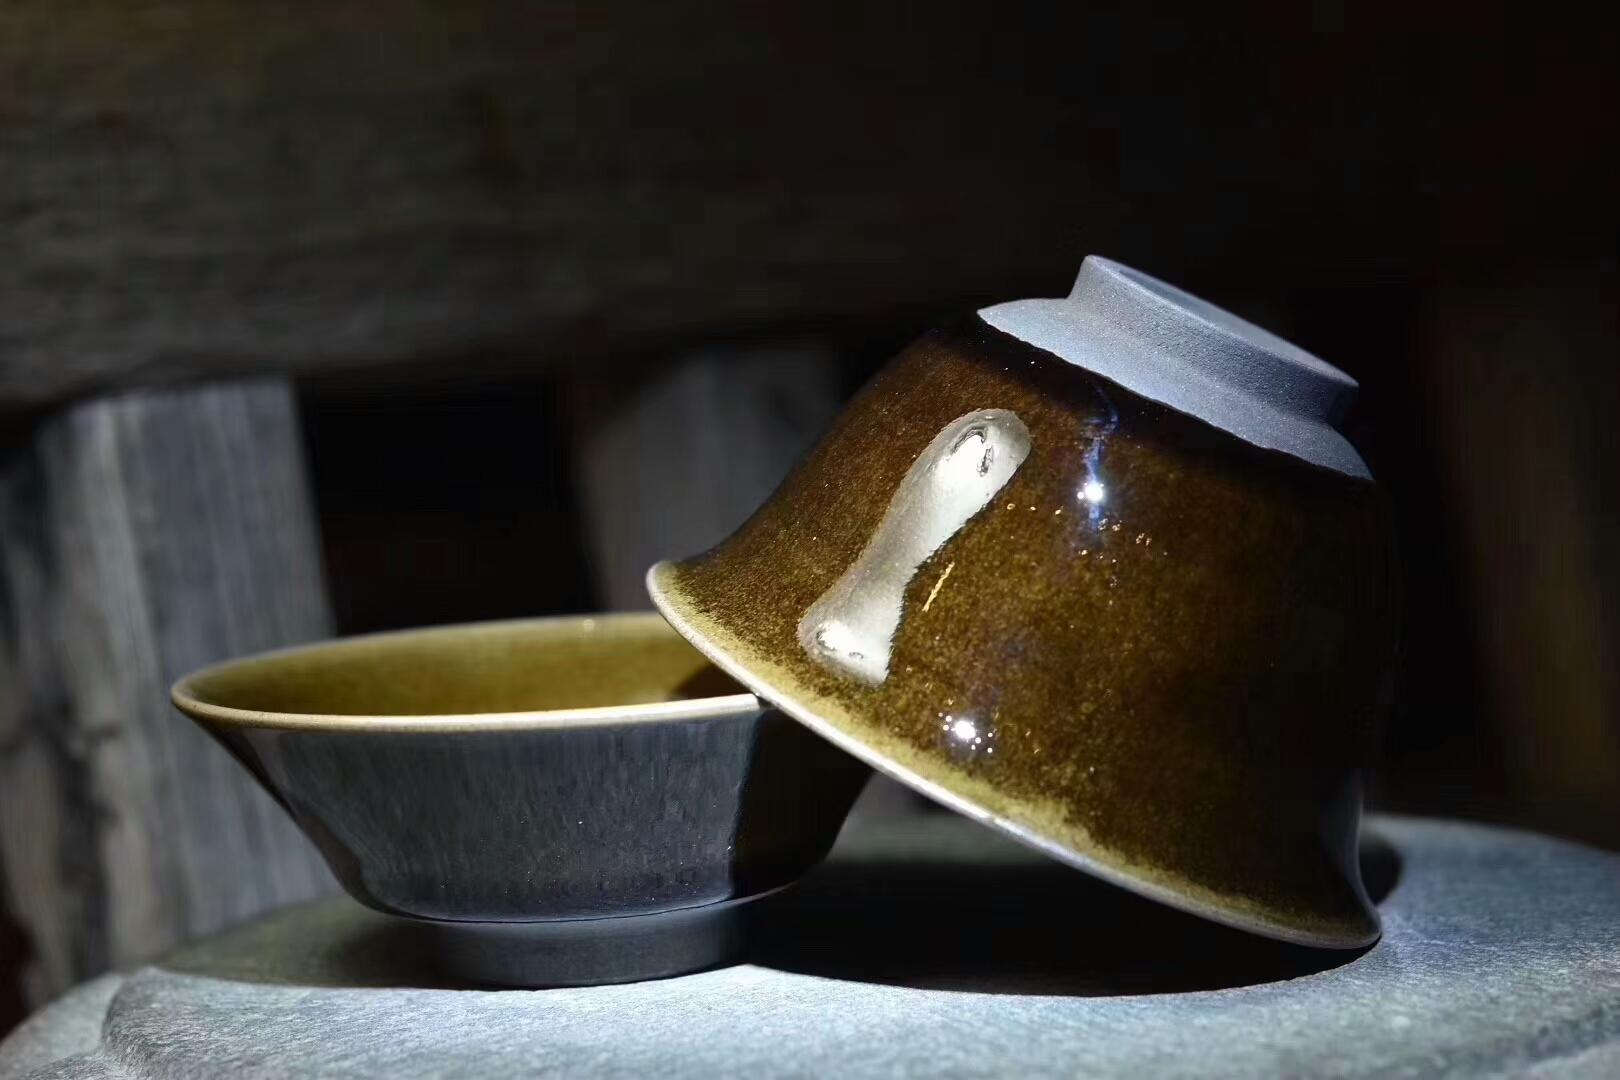 已合盖碗 - - 兰亭序 李光熙作品  手工制作 合则盖碗 分则三杯